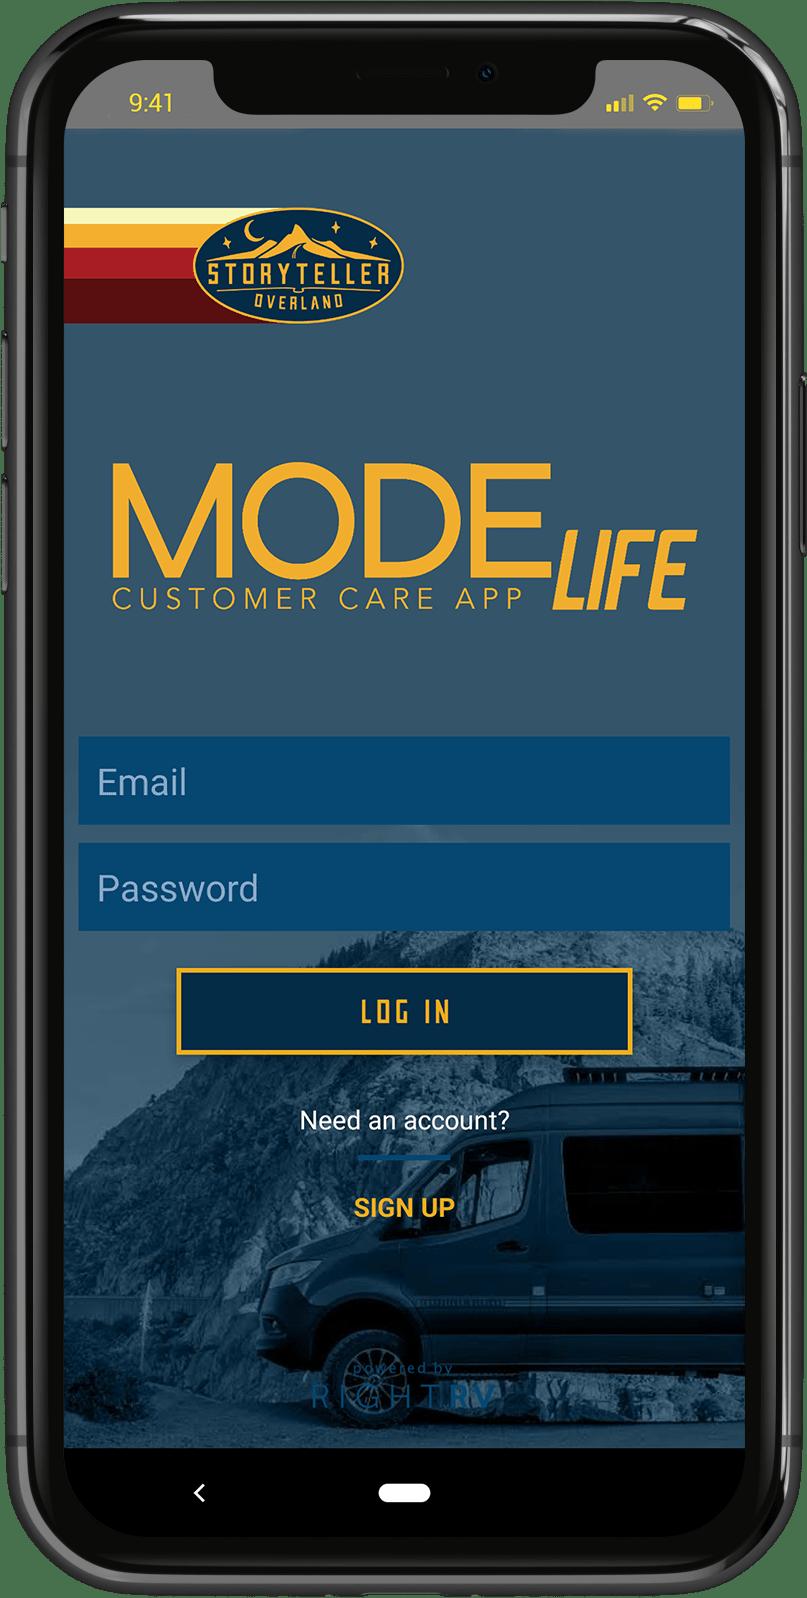 Storyteller Overland MODElife App